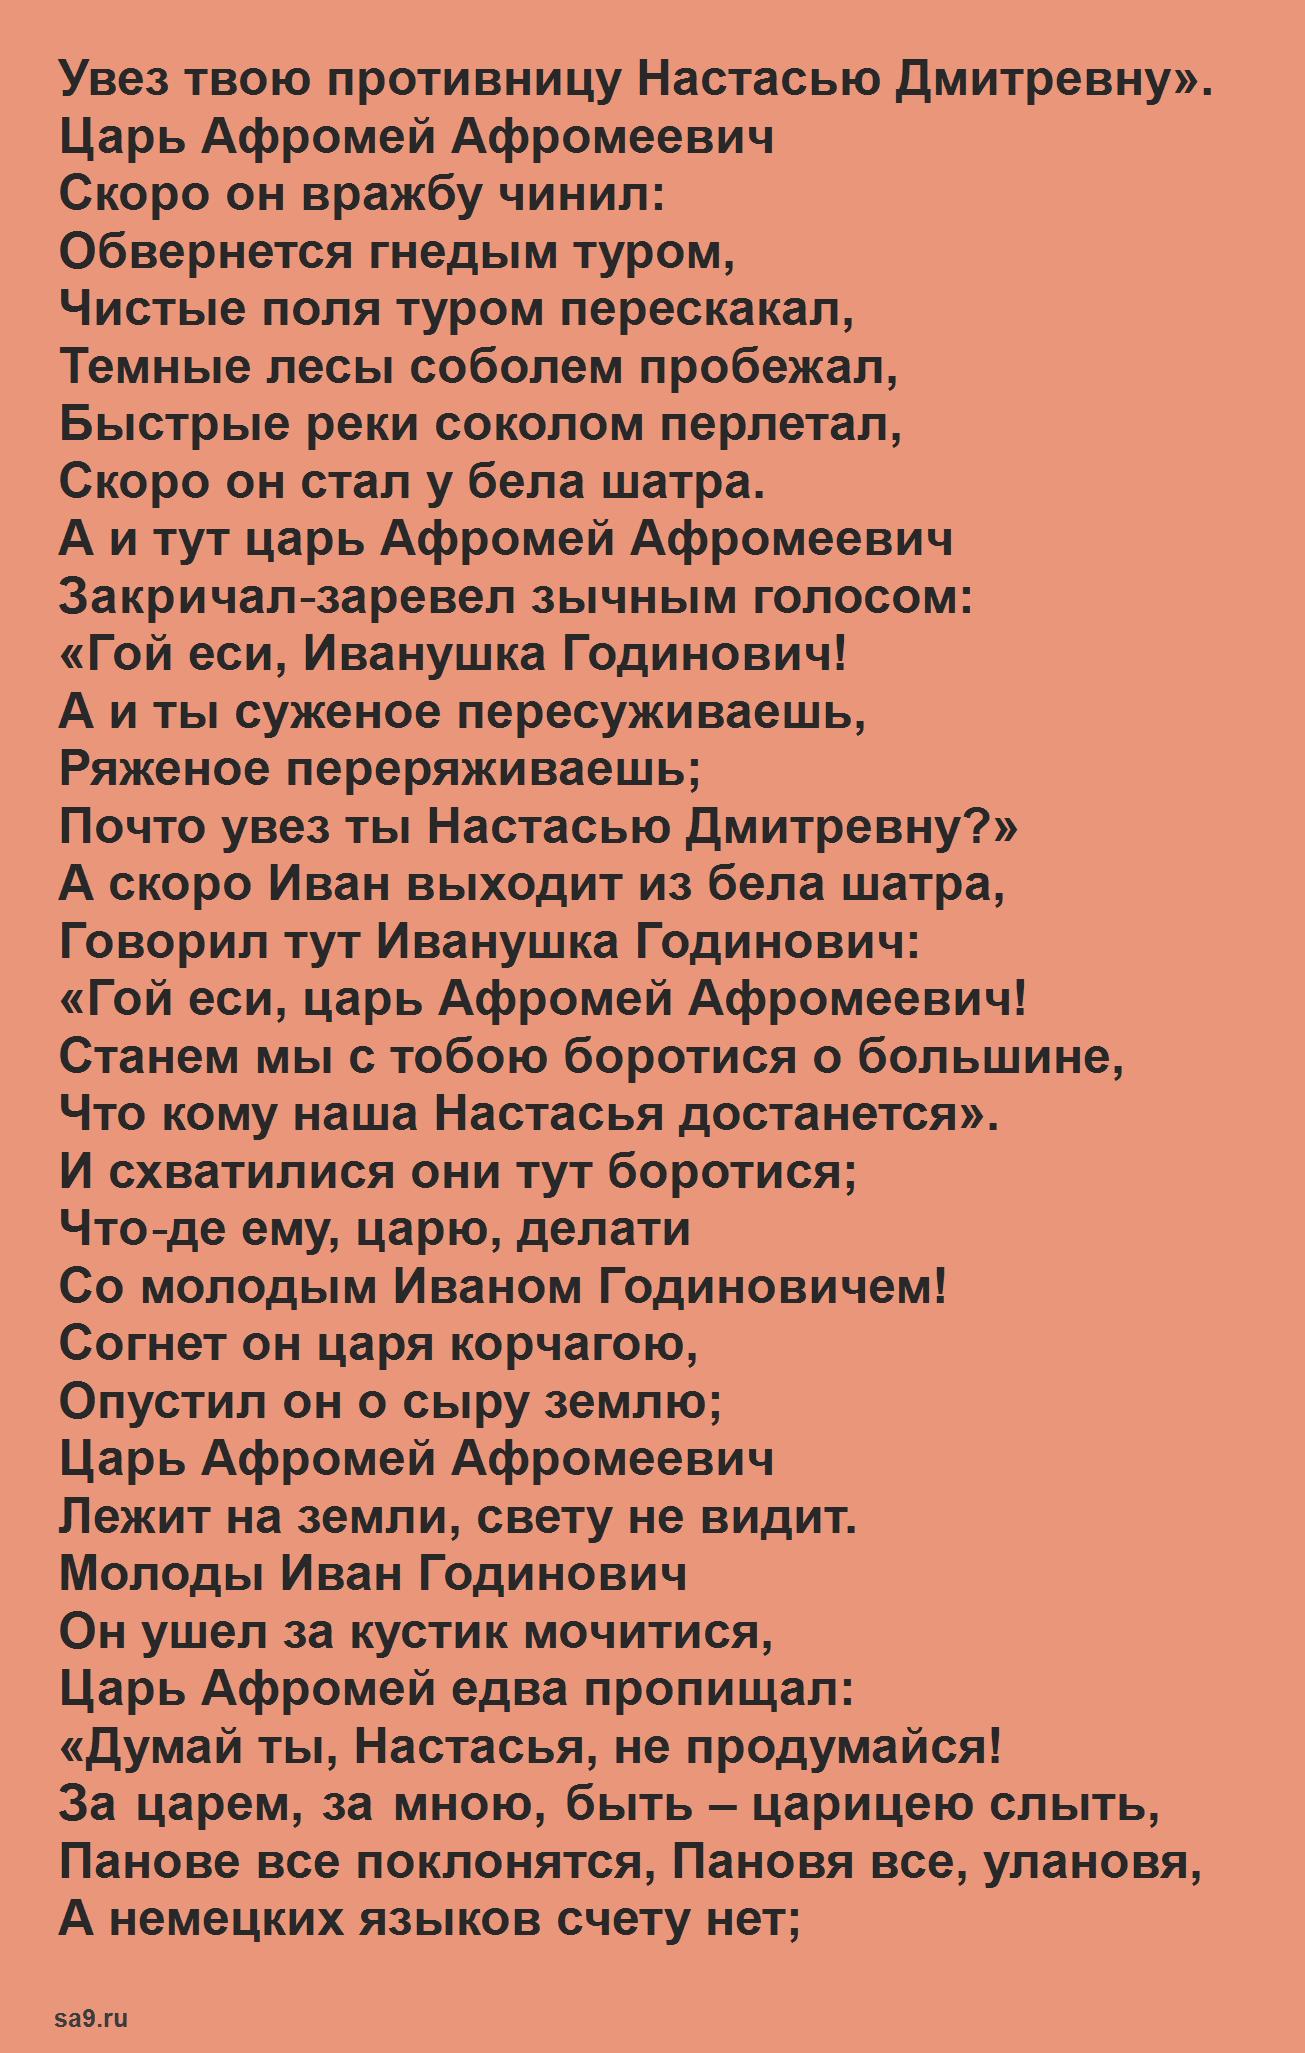 Читать былину - Иван Годинович, полностью бесплатно